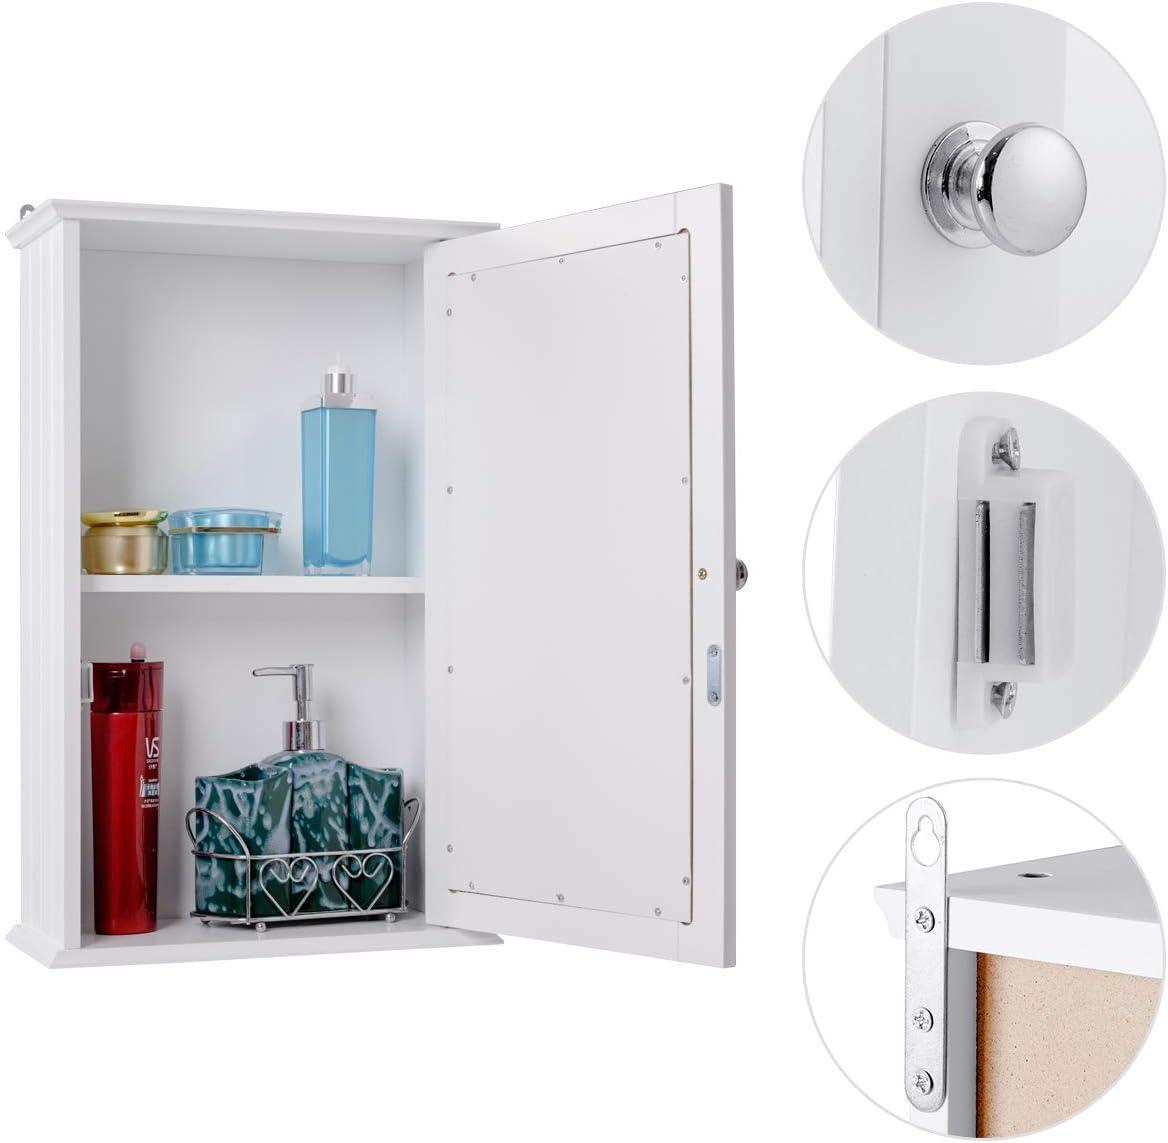 Armoire /à Pharmacie en Bois avec Etag/ère Ajustable Blanc Meuble WC Blanc 54 x 14 x 22 CM (L x l x H ) Costway Armoire de Salle de Bain avec 2 Porte Miroir